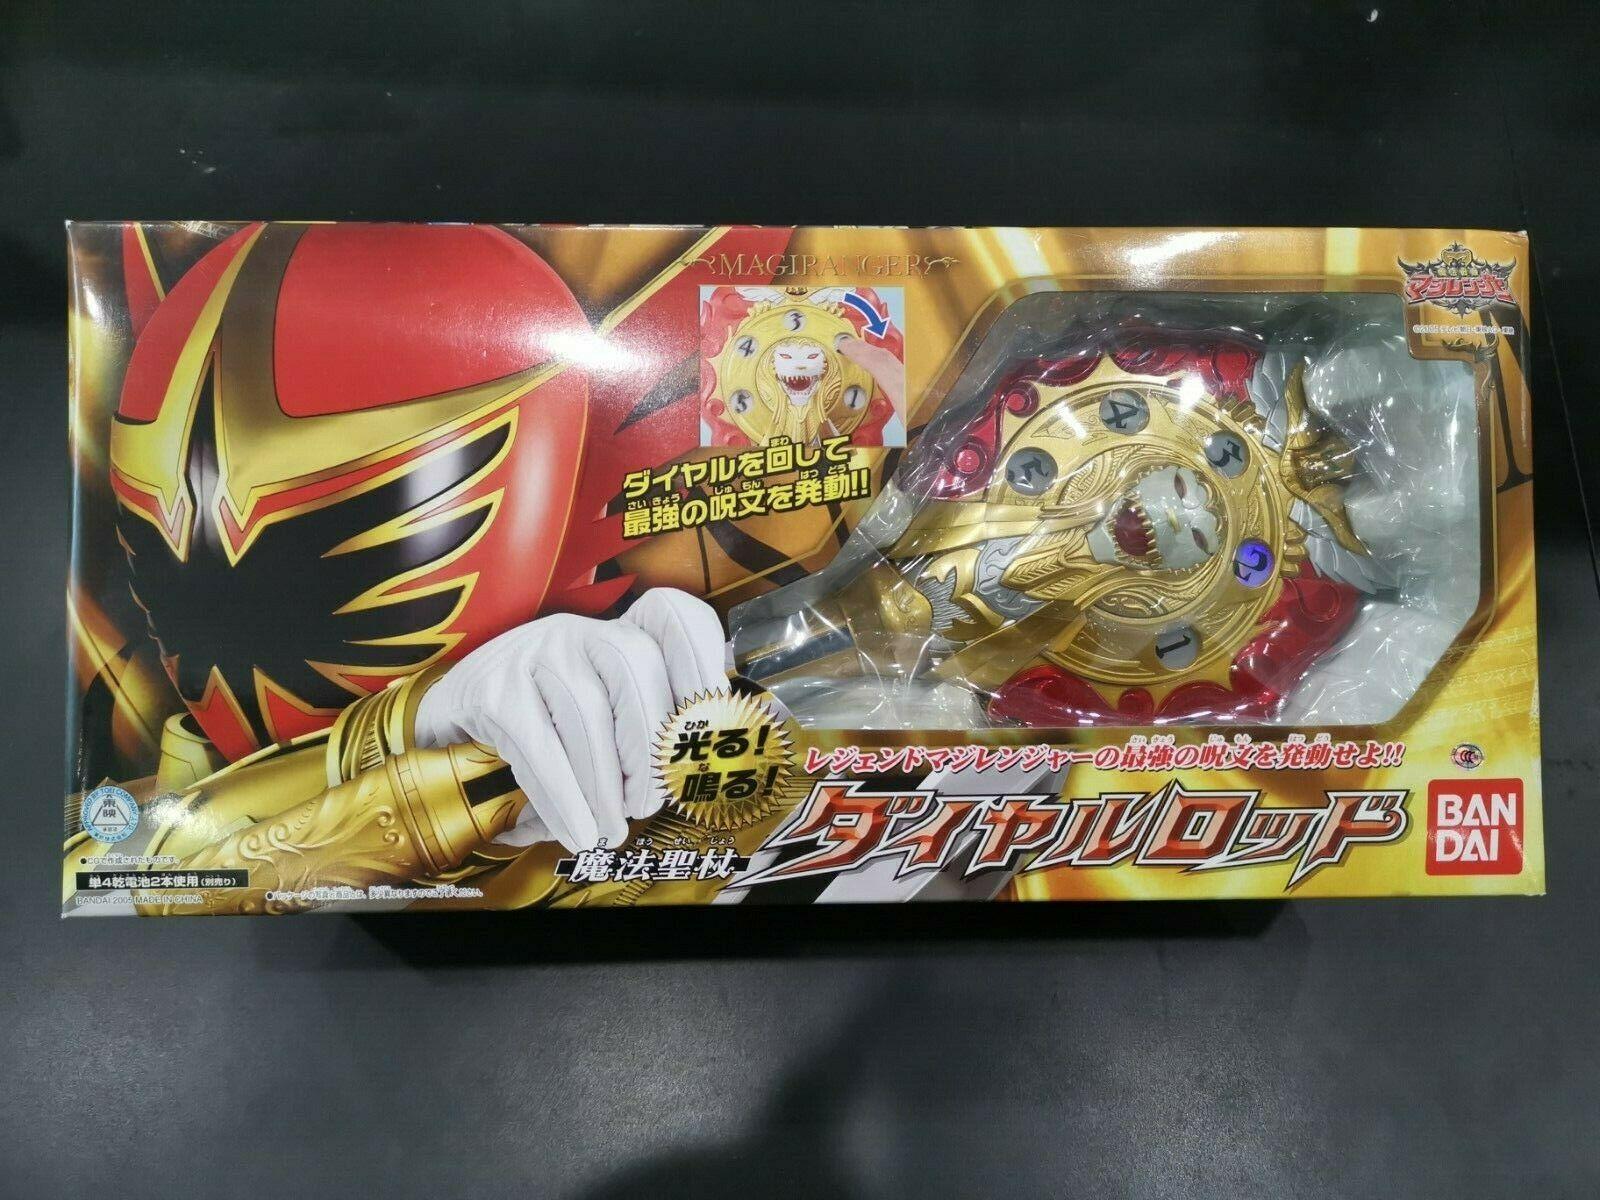 Pista Power Rangers Mystic Force confezione leggermente Rovinata 1600x1200